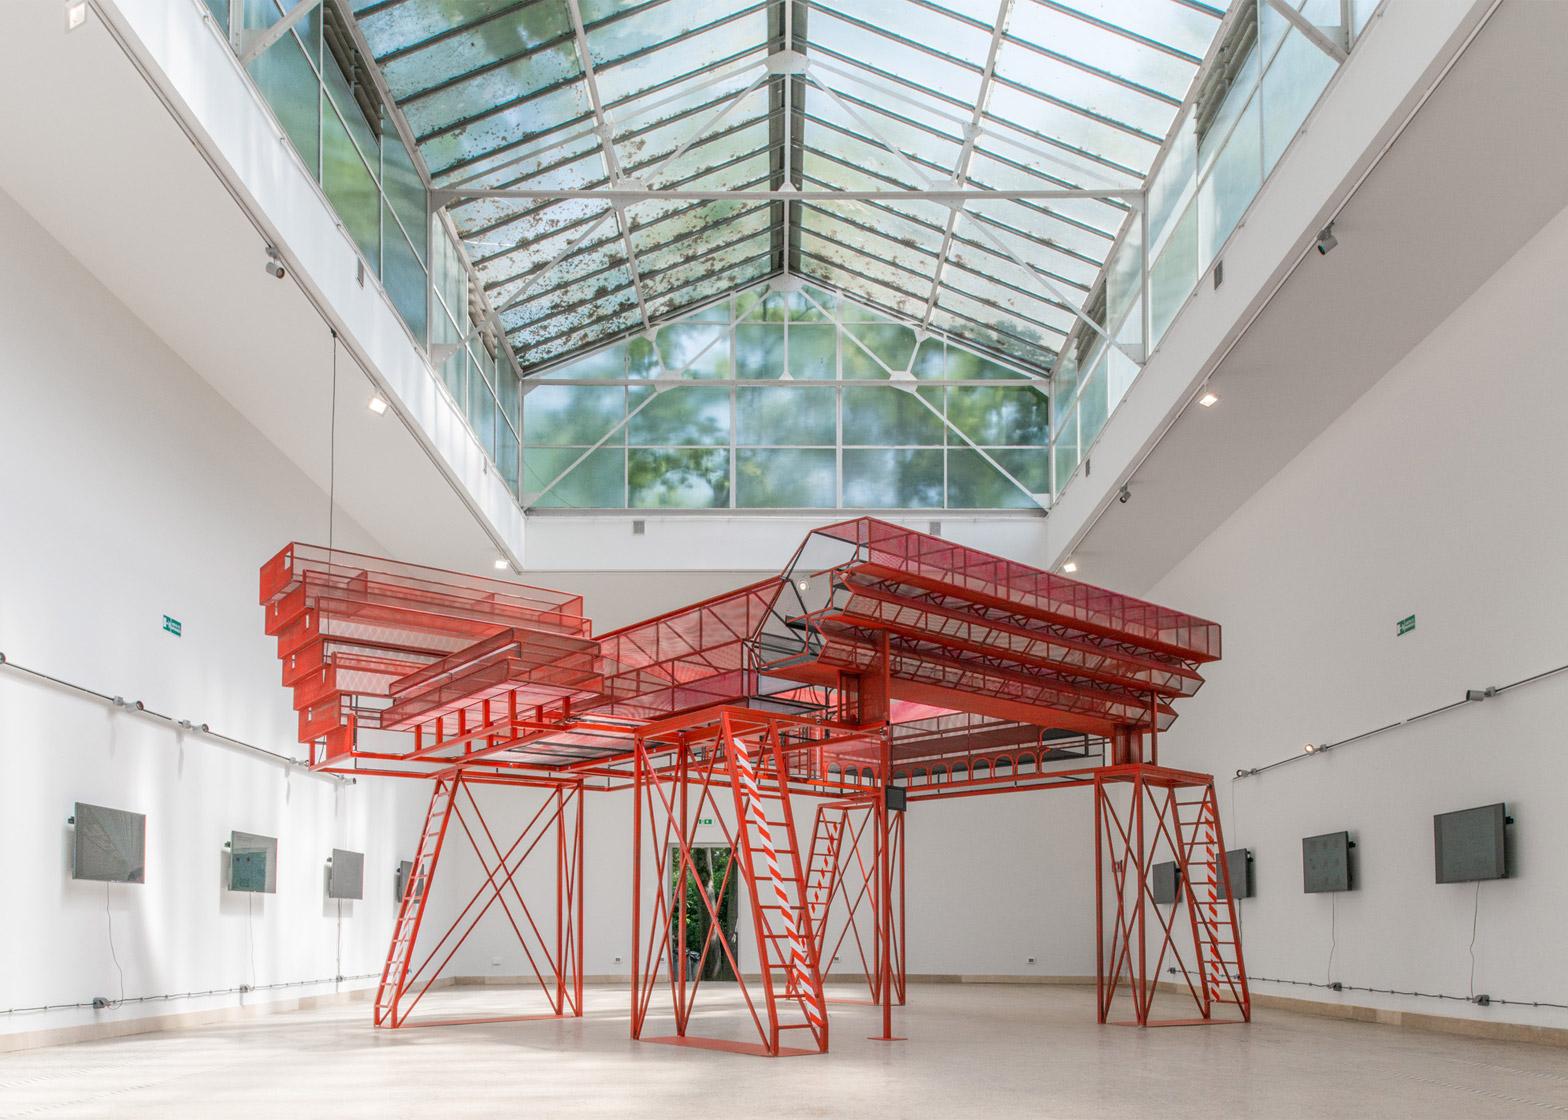 The Czech Republic and Slovak Republic Pavilion at the Venice Architecture Biennale 2016